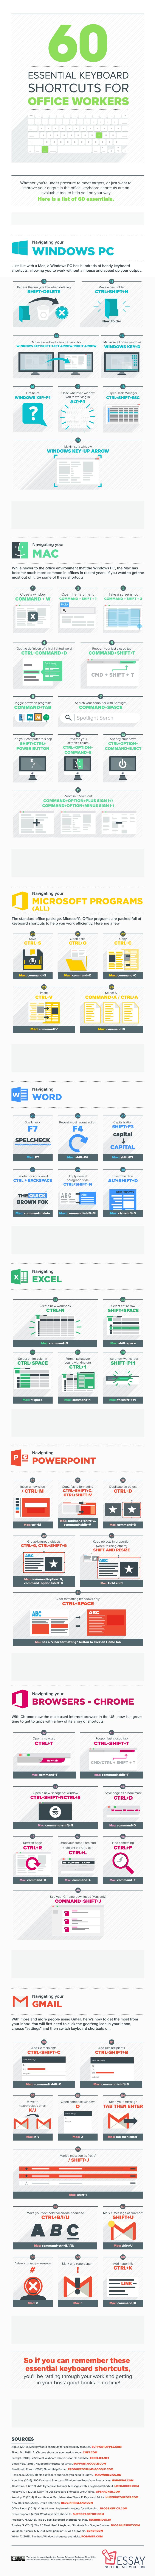 60 útiles atajos de teclado para aumentar tu productividad en la oficina